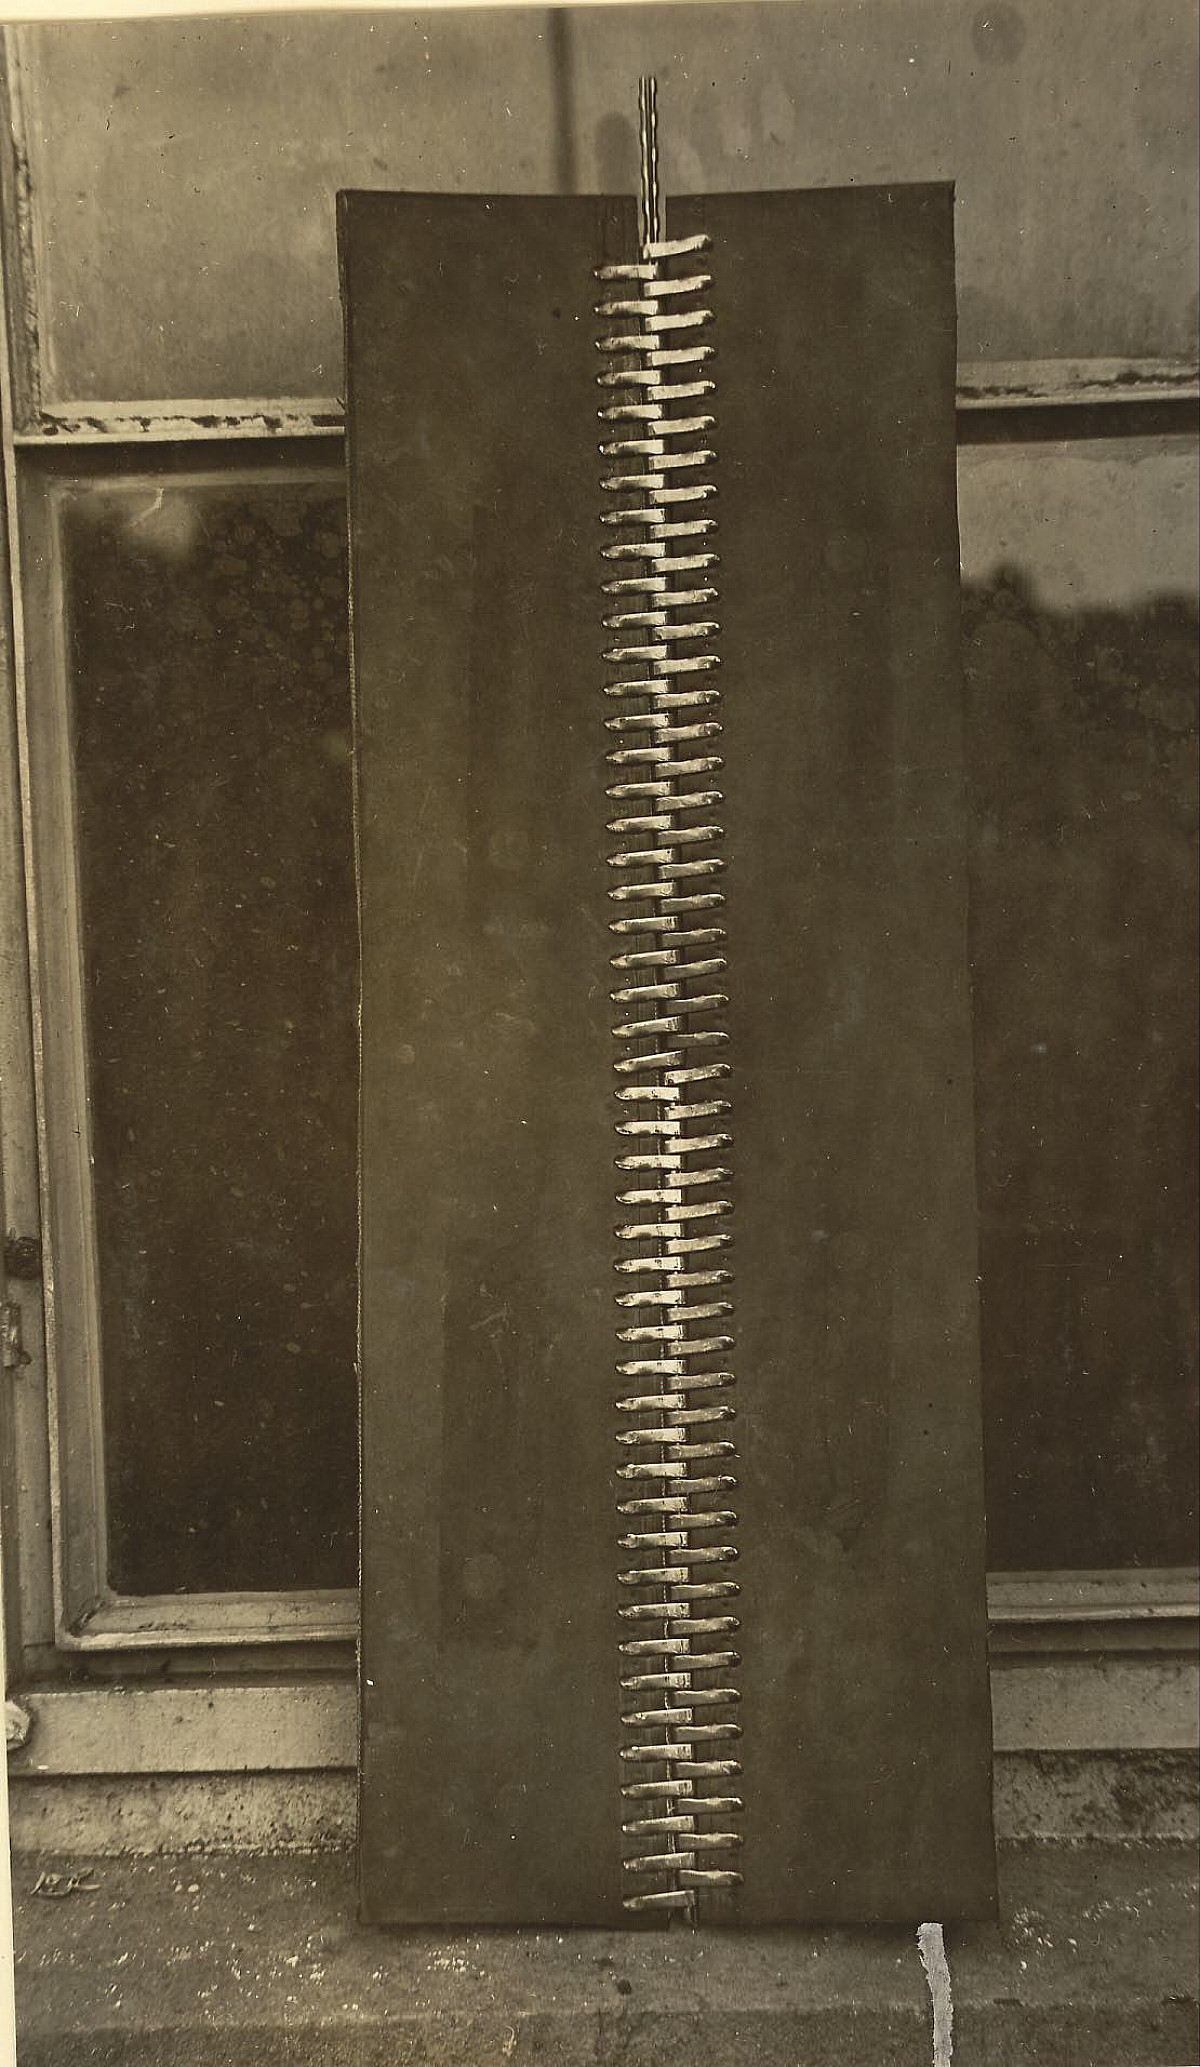 GFA 24/53.1204: Belt fastener